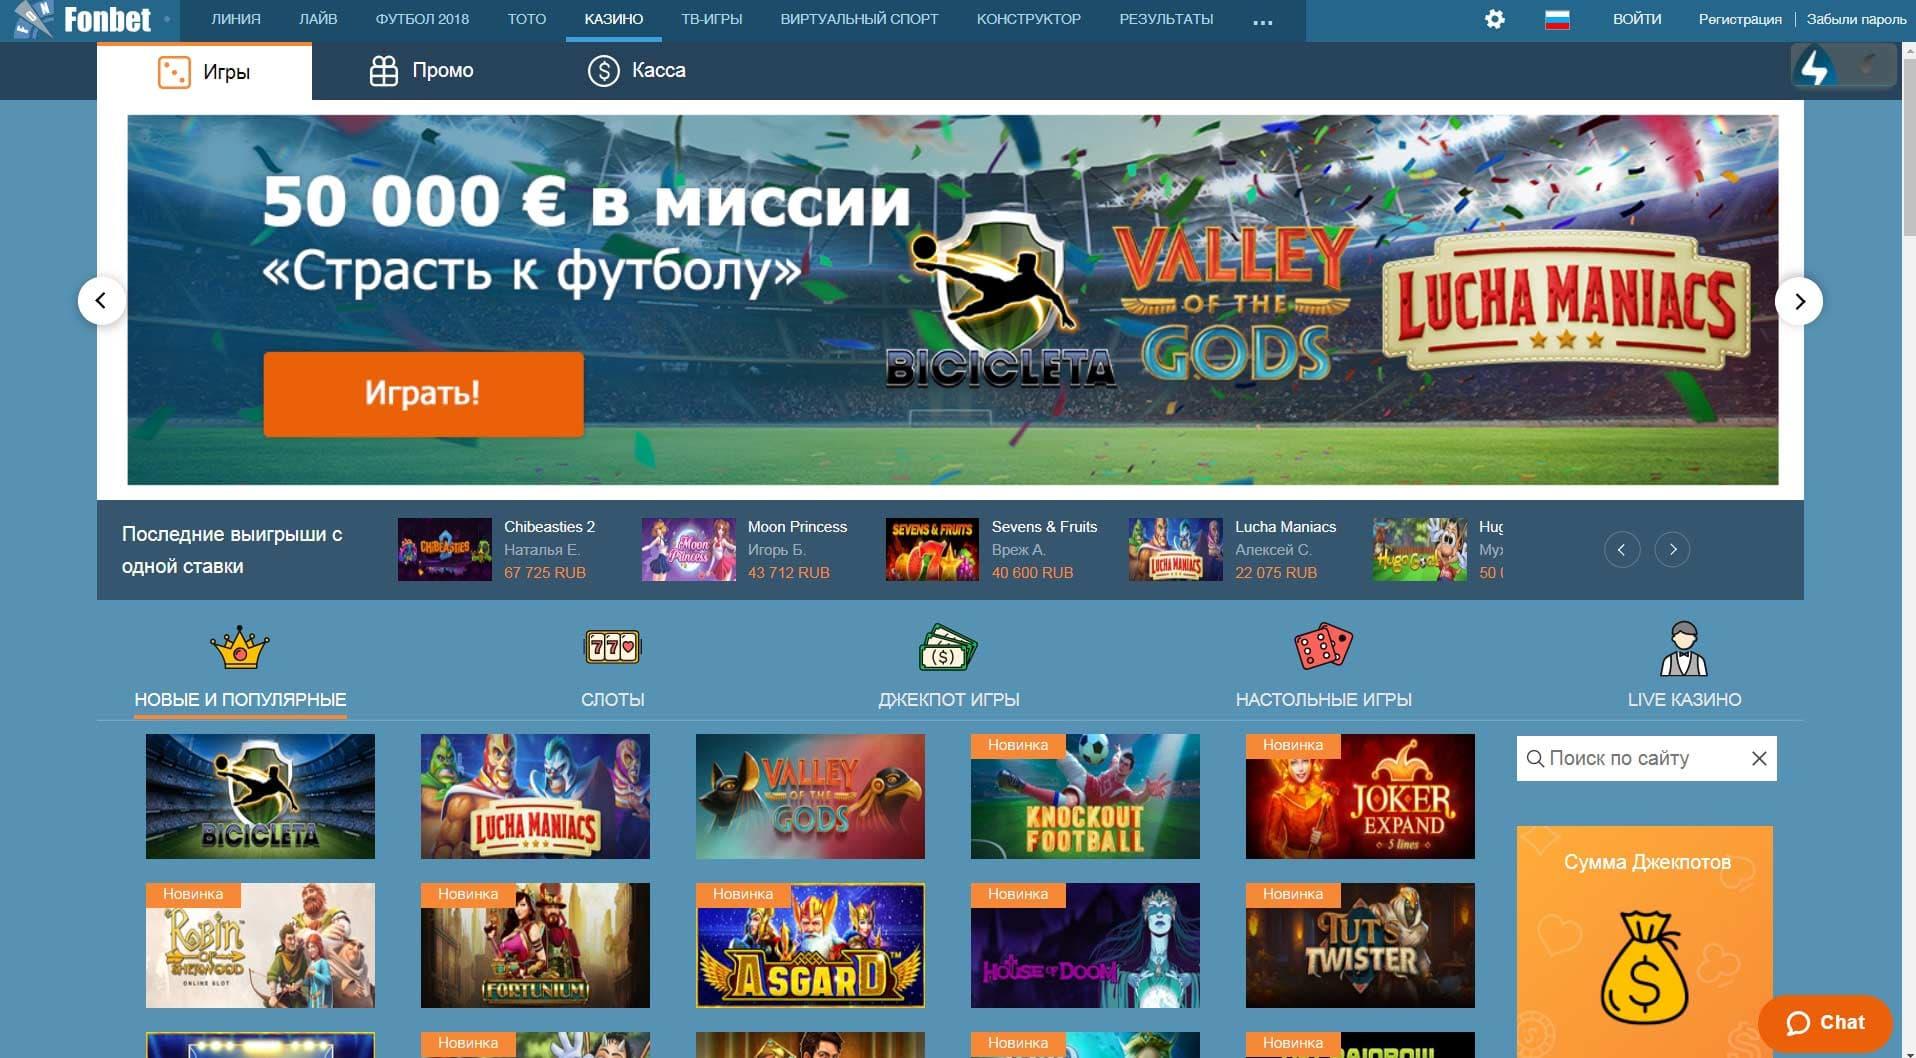 официальный сайт фонбет казино зеркало новый сайт